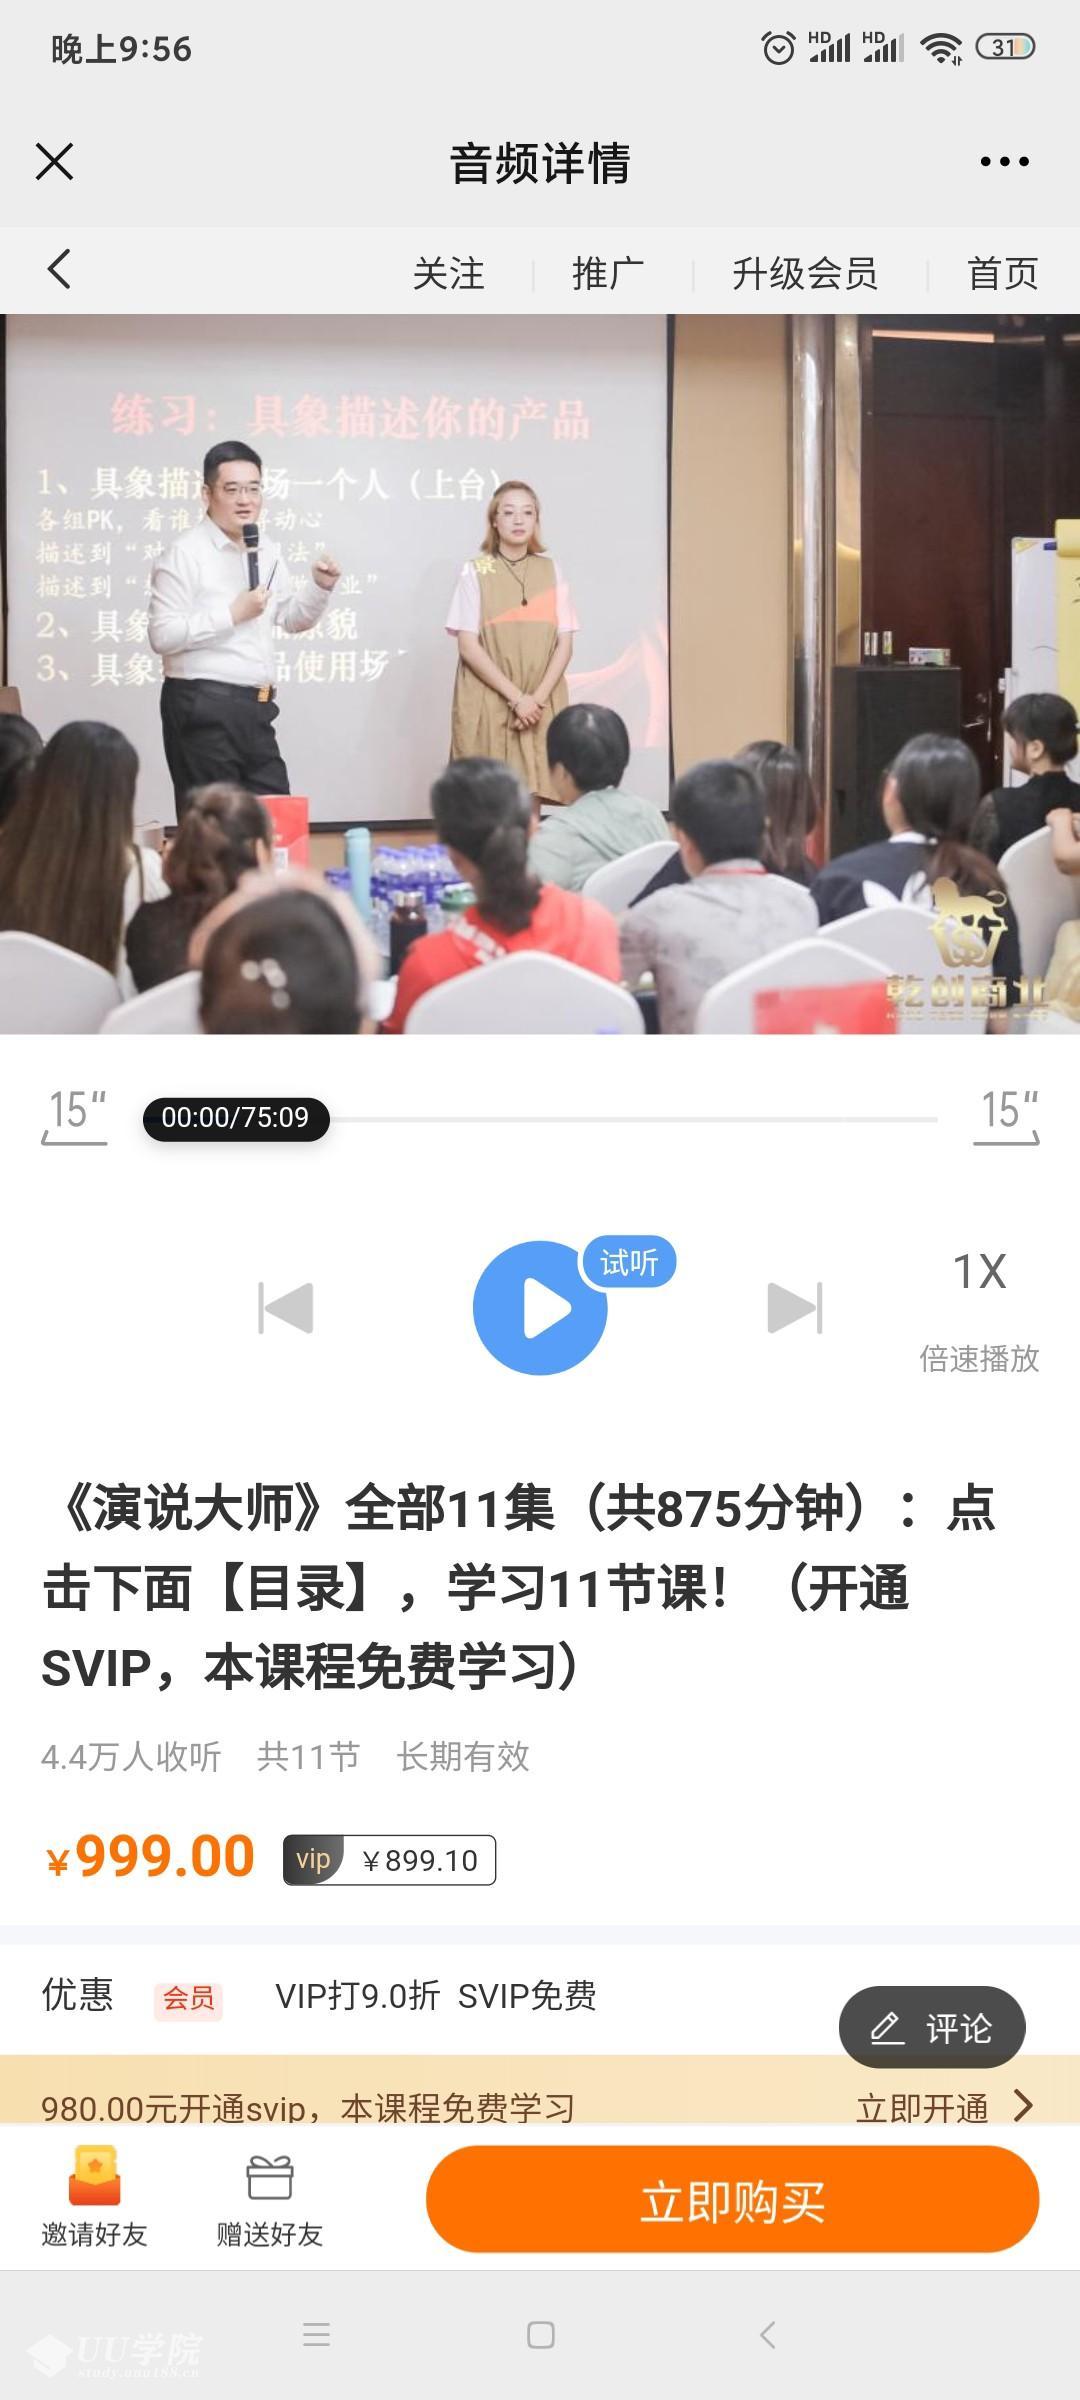 张—楠·演说大师全部11集时间课程